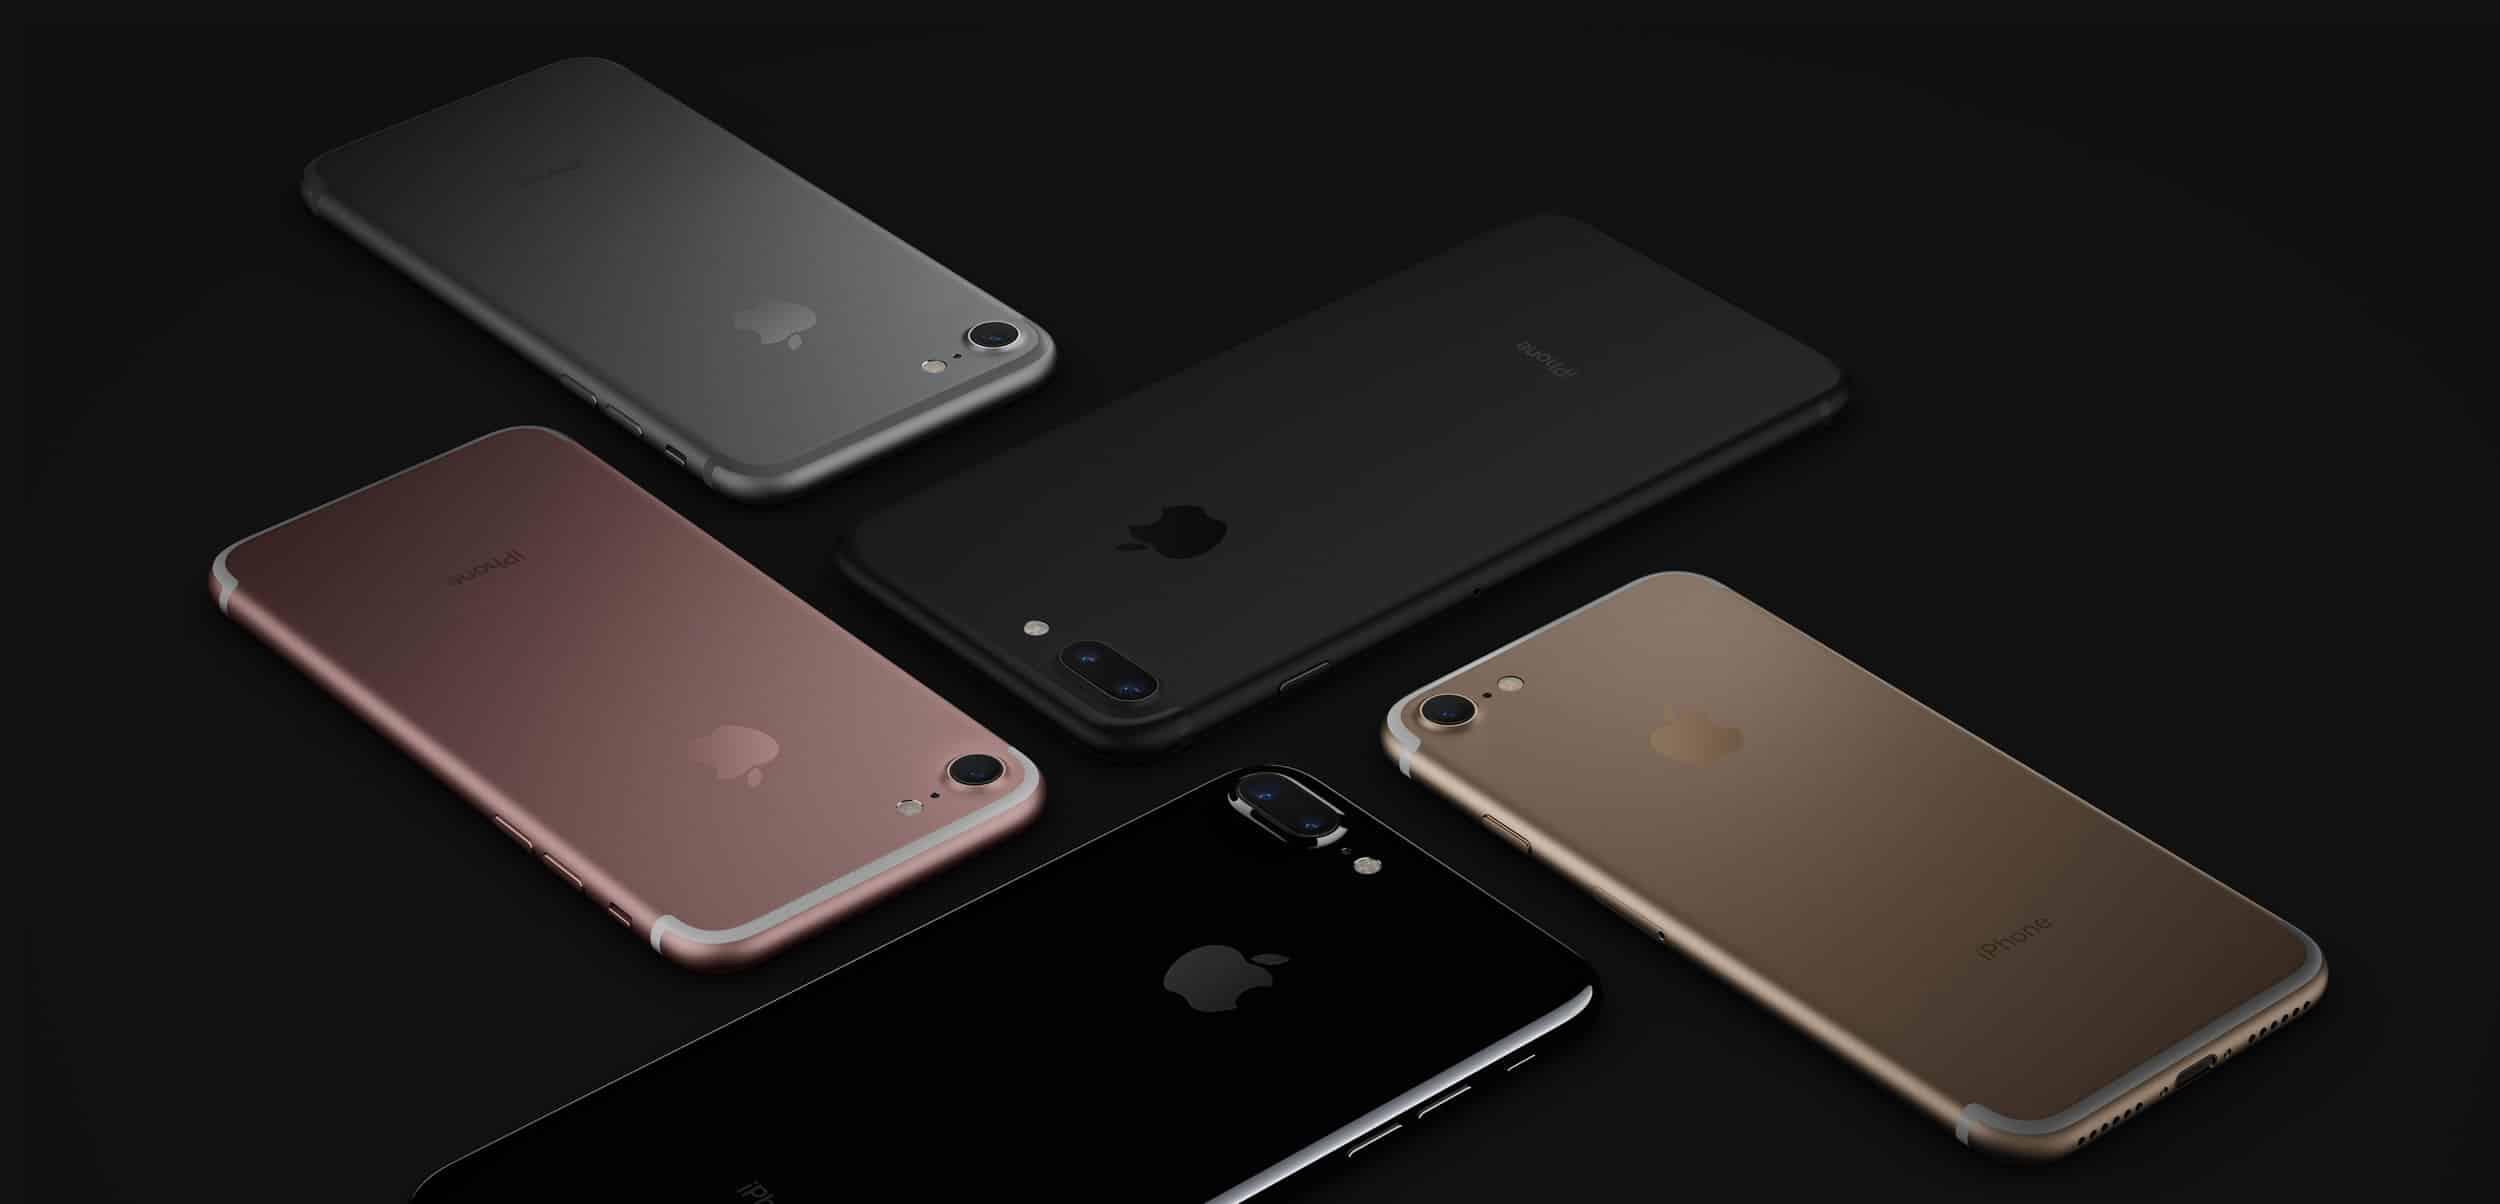 c81b22550ce ¿Donde comprar el nuevo iPhone 7 y 7 plus liberados en Chile?